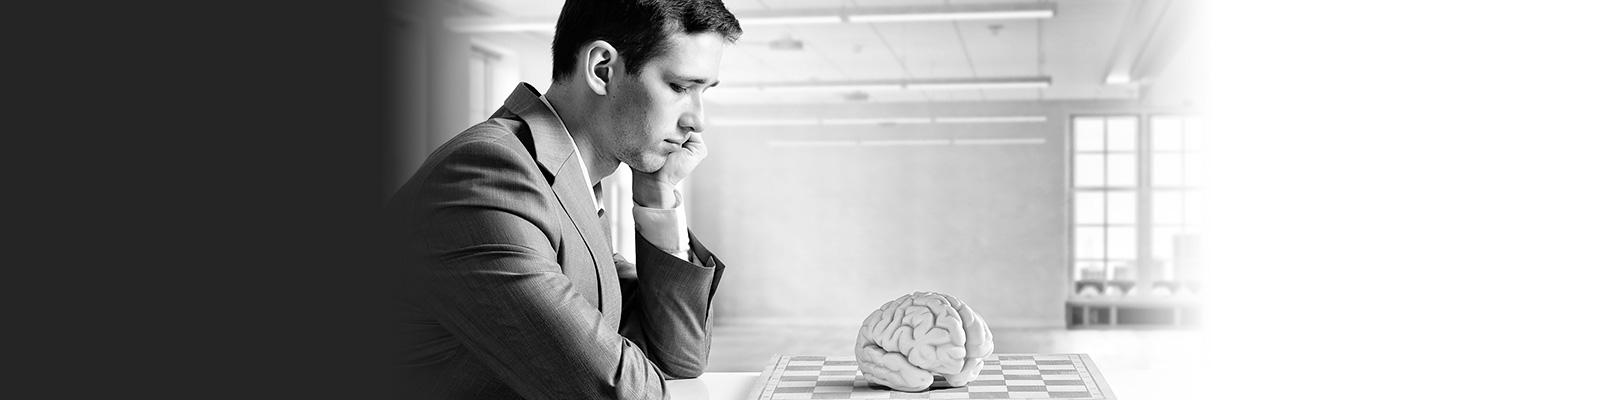 AI 脳 思考 イメージ